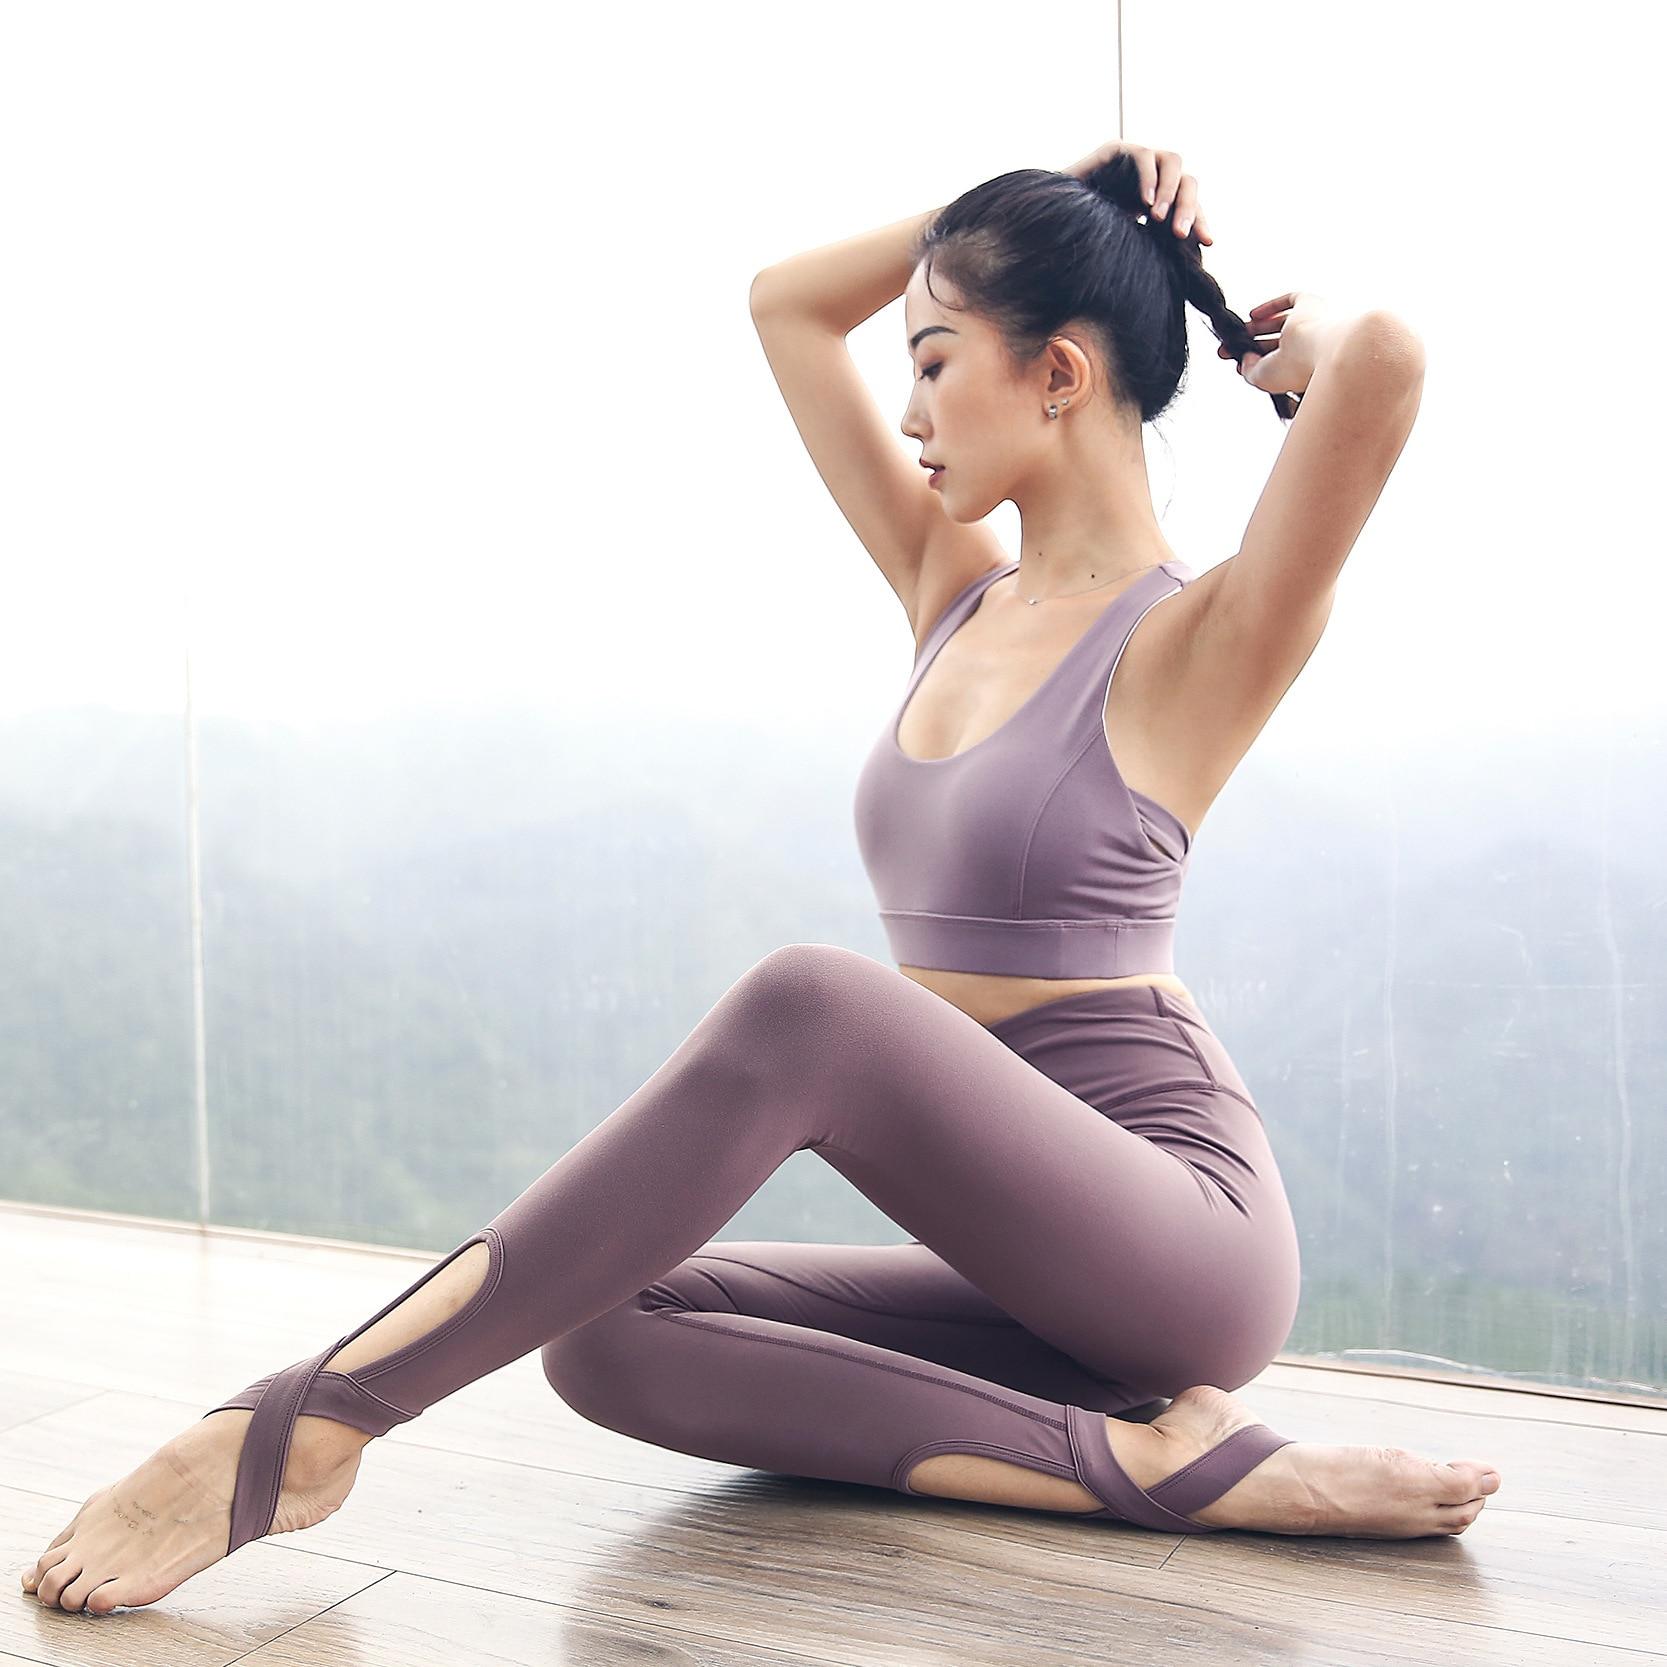 Ensembles de Yoga Pour Les Femmes Vêtements De Sport pour Femme Gym Legging En Cours D'exécution Push-Up Rembourré Soutien-Gorge De Sport À Bretelles 2 pièces Costumes De Sport